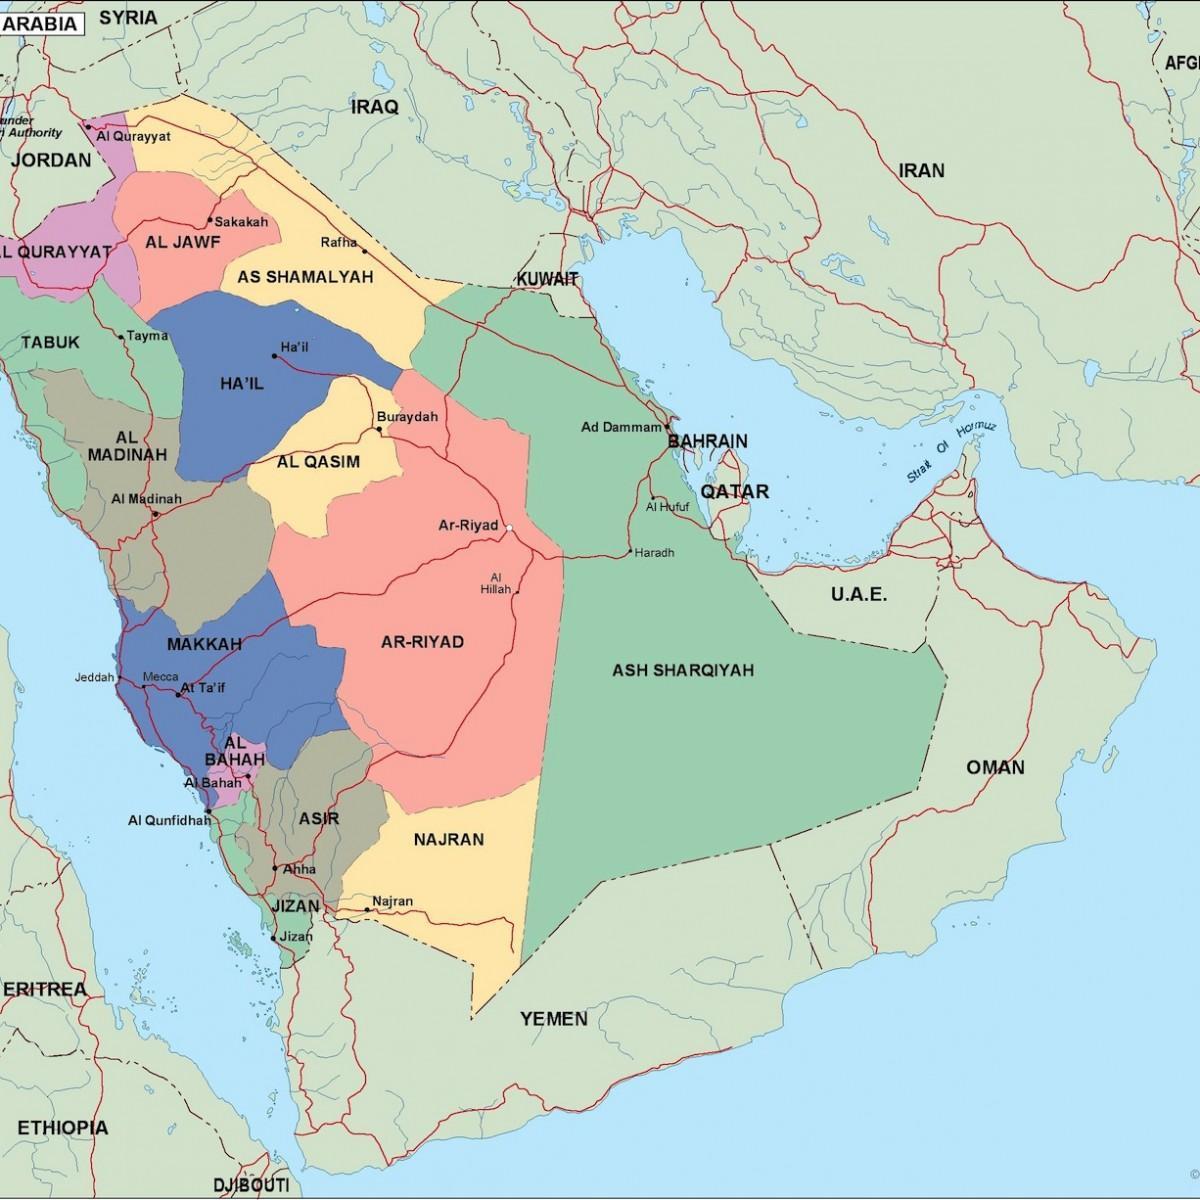 مدن المملكة العربية السعودية خريطة خريطة مدن المملكة العربية السعودية غرب آسيا آسيا